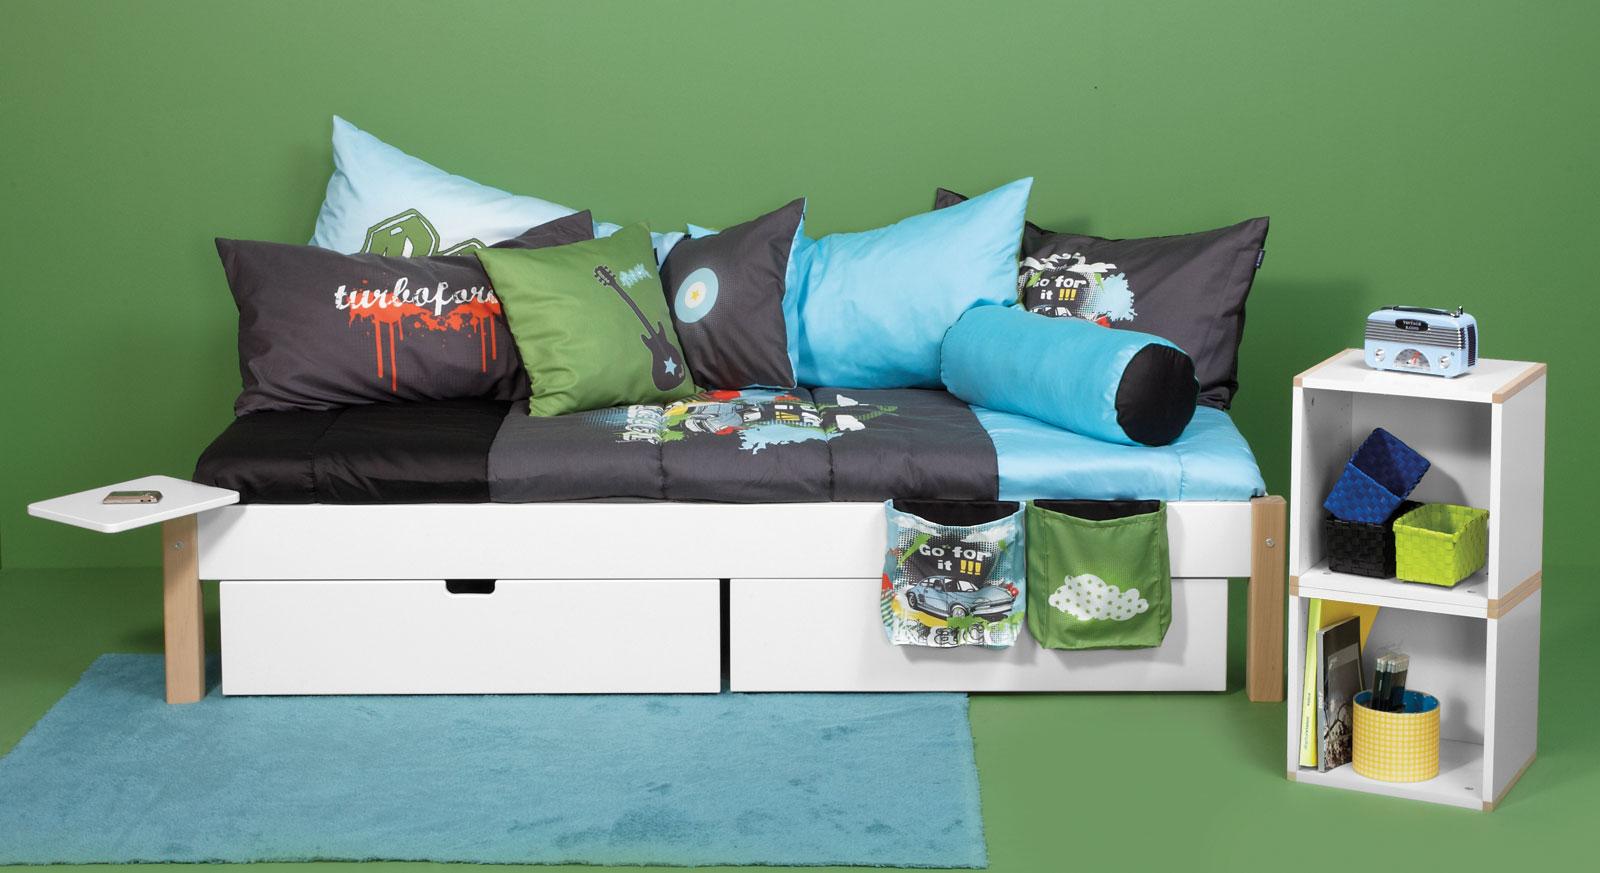 Passende Produkte zum Schubkasten-Bett Kids Town